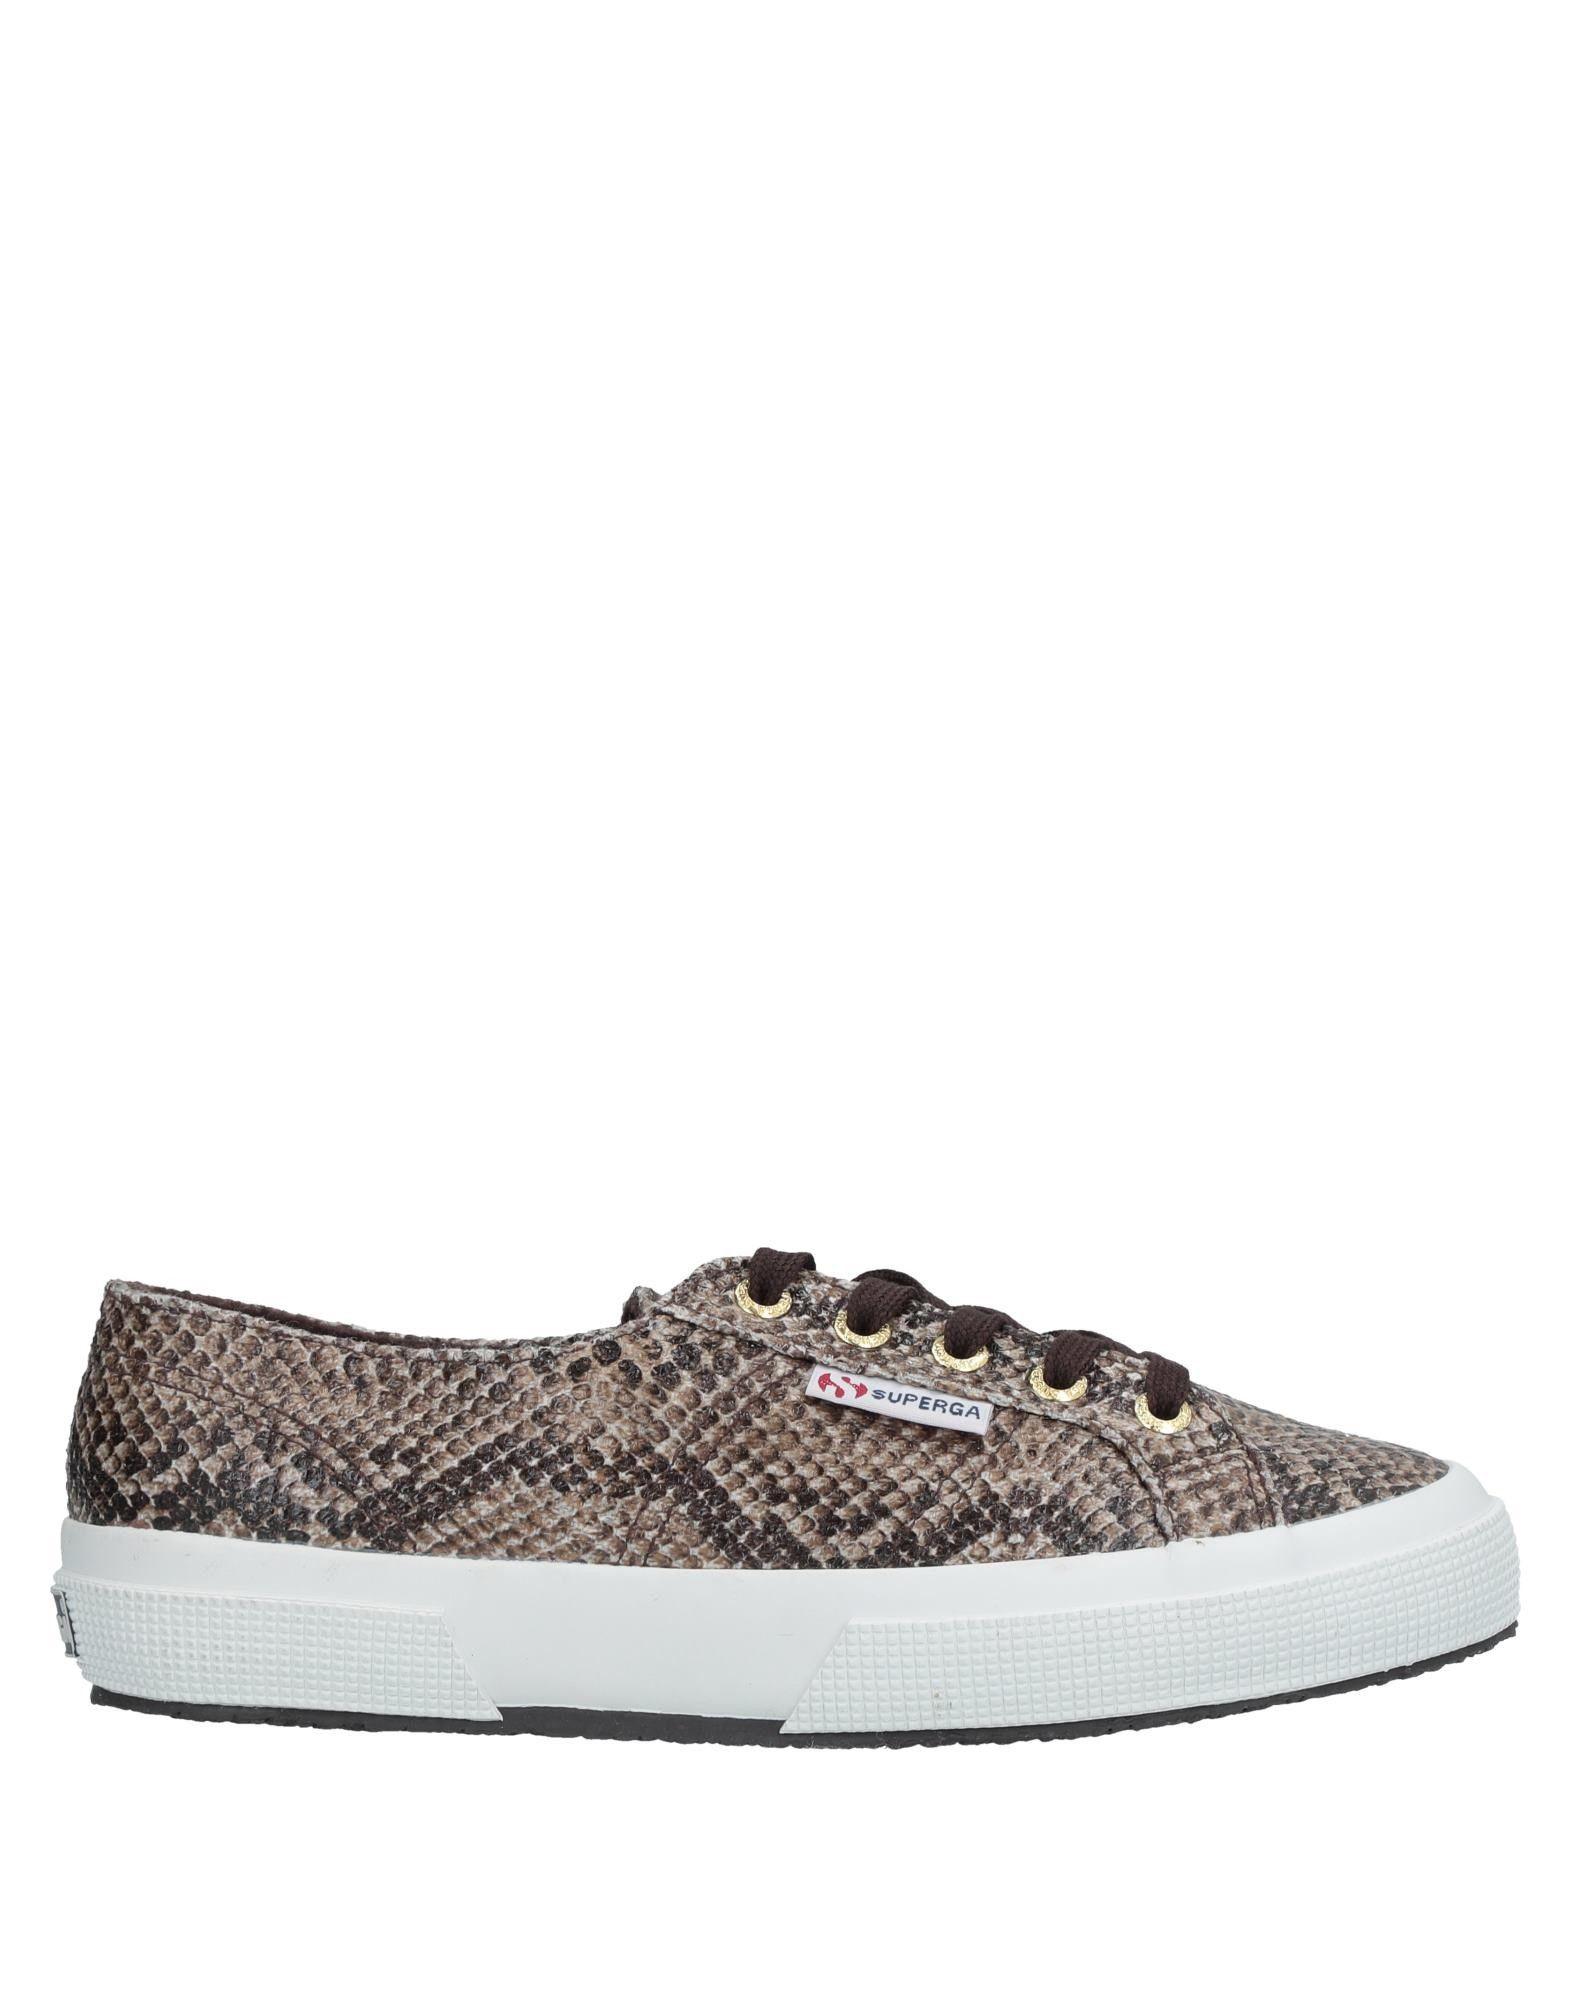 Superga® Sneakers Damen  11081514DA 11081514DA 11081514DA Heiße Schuhe a3c71e